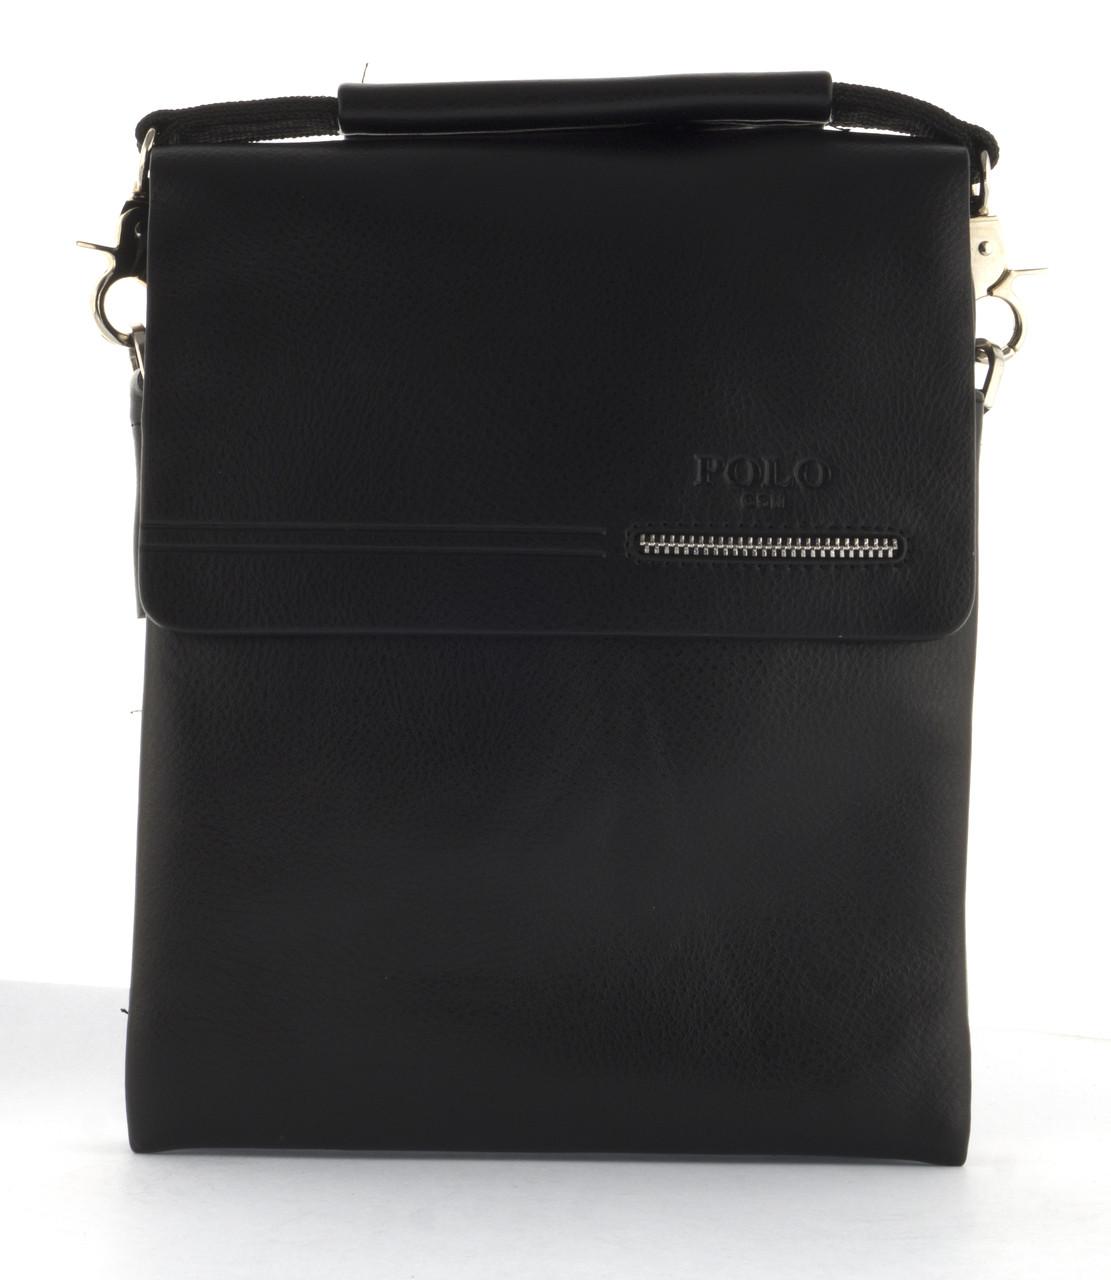 Удобная мужская стильная прочная сумка из качественно PU кожи POLO art. B332-2